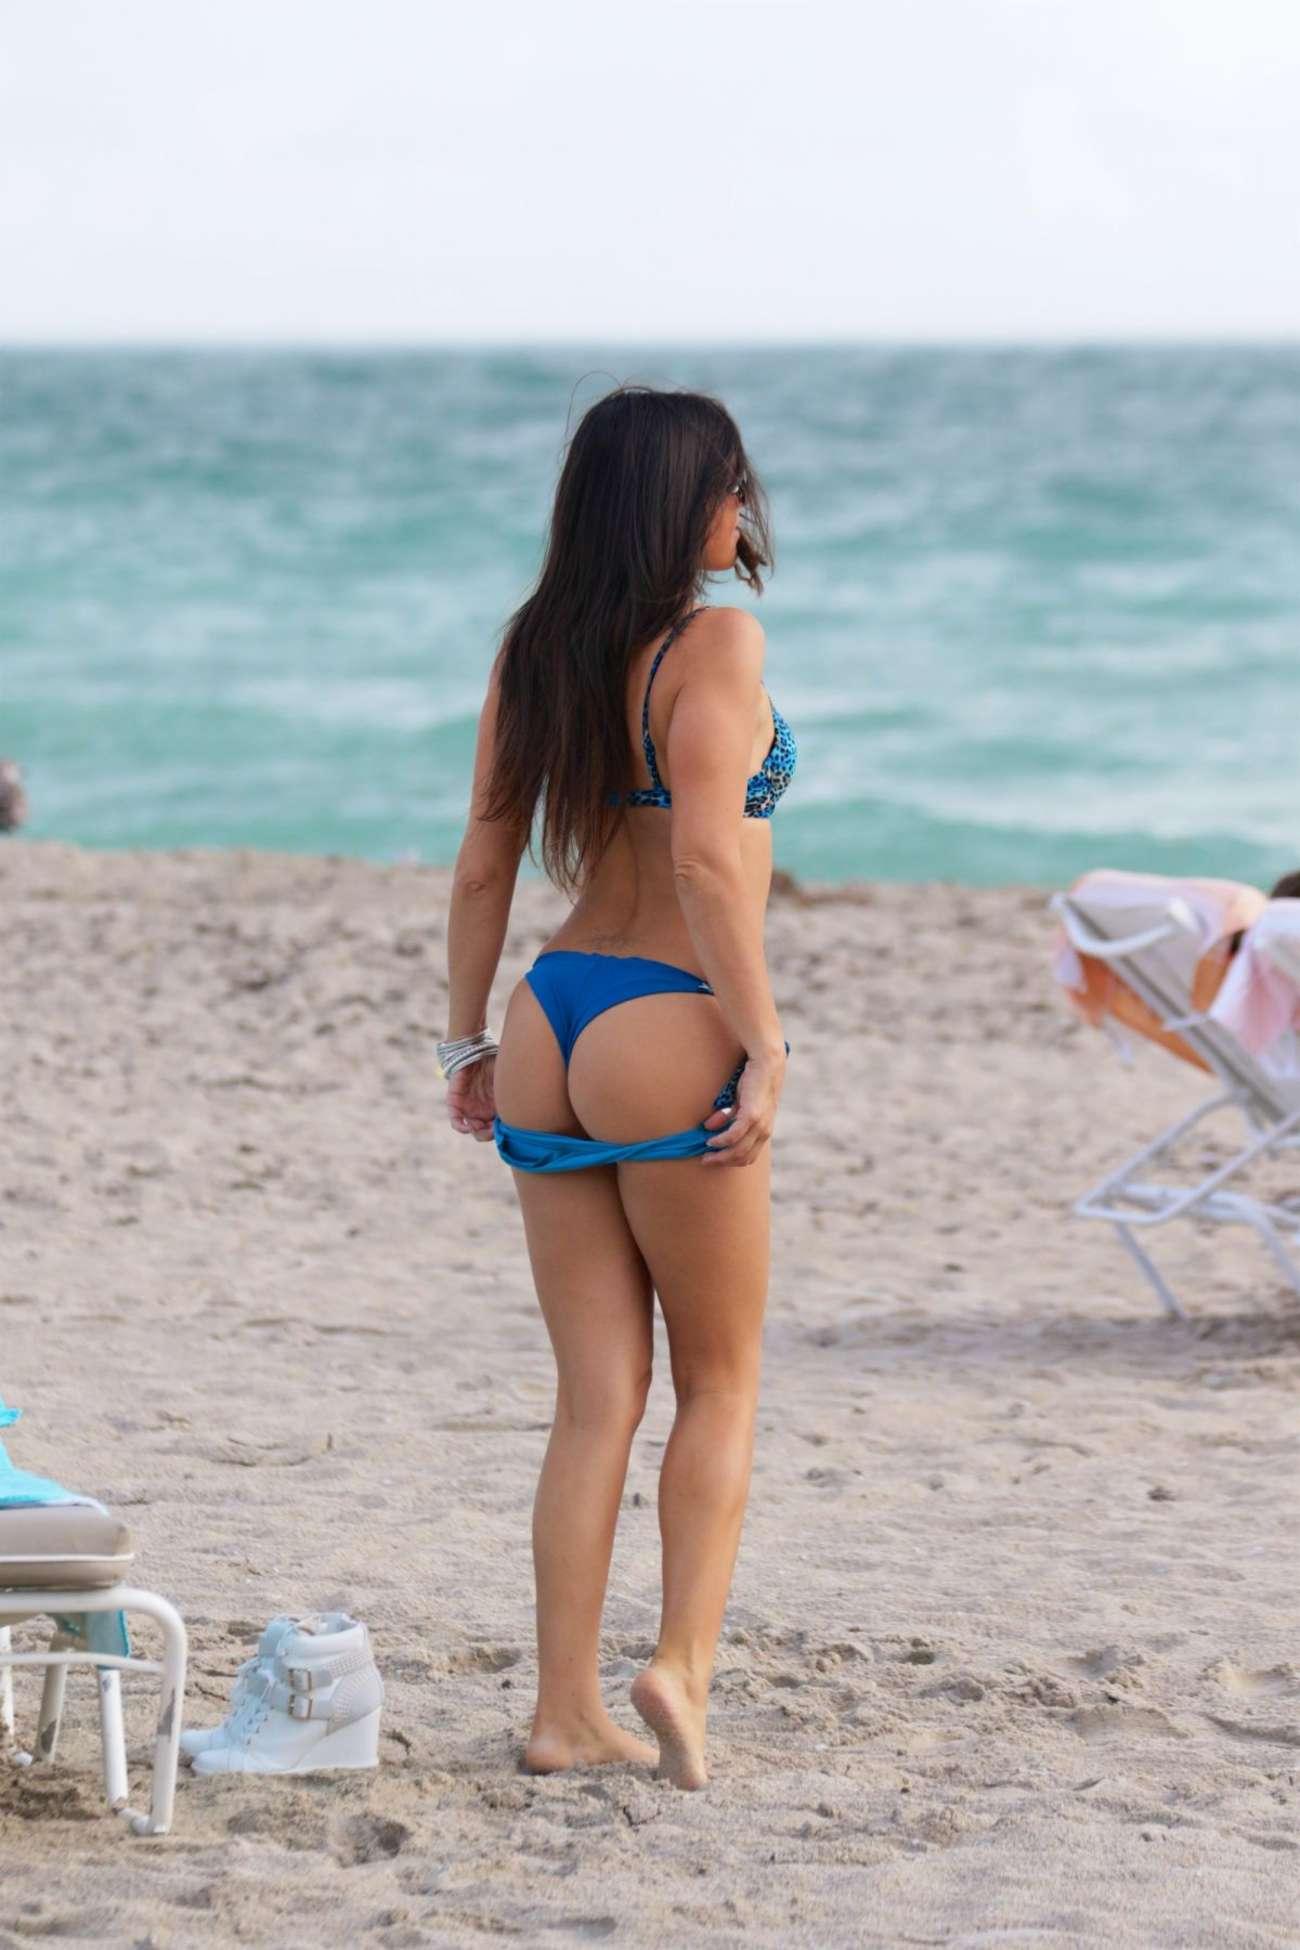 Claudia-Romani-in-a-Bikini-1 (1)